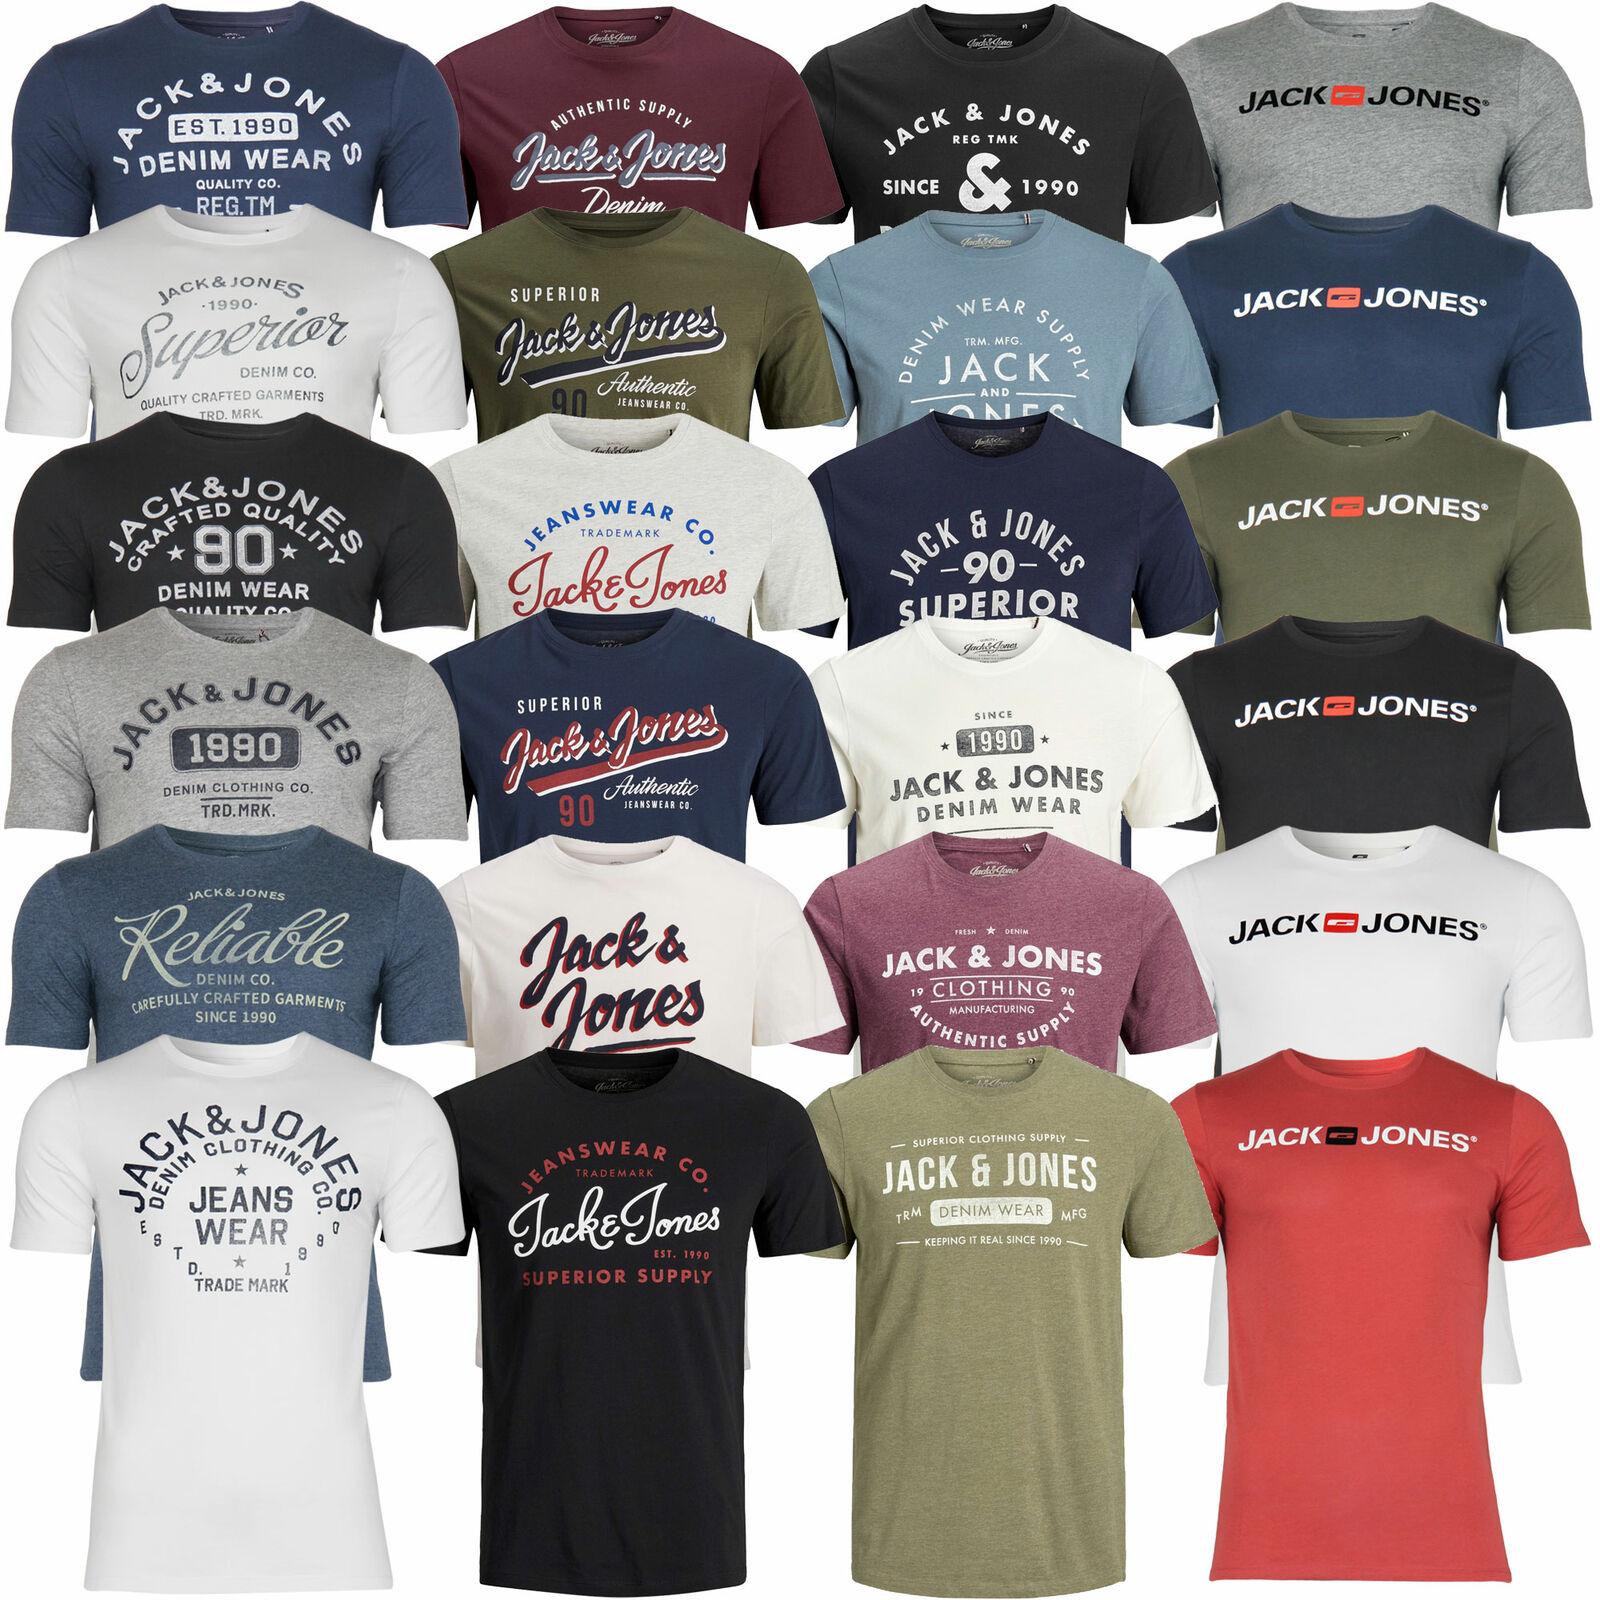 Jack & Jones Herren T-Shirt Rundhals Kurzarm Sport Clubwear Party für 10,50€ (statt 17€)